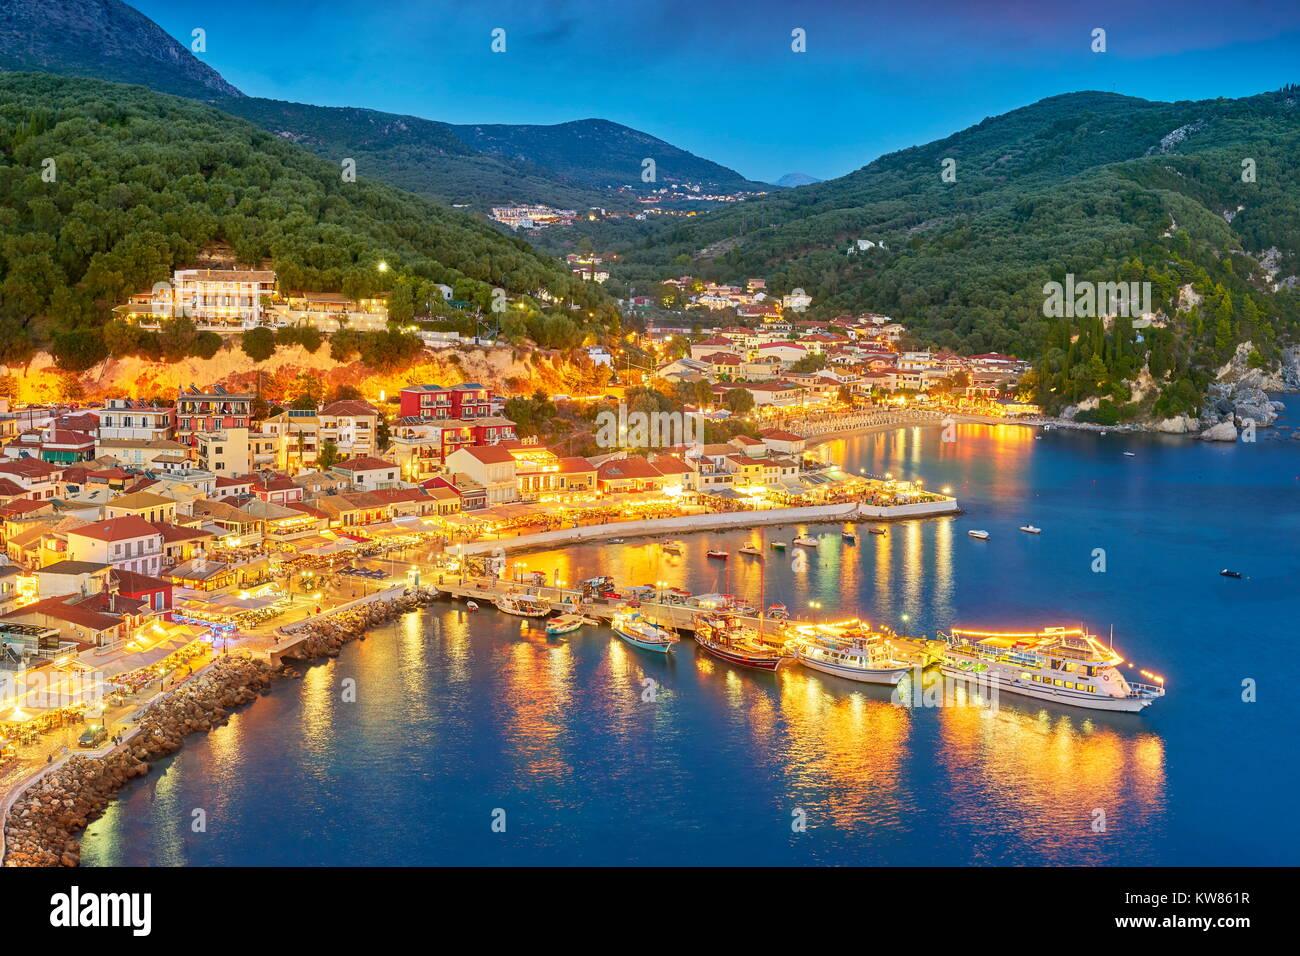 Am Abend Blick auf Parga, Griechenland Stockbild